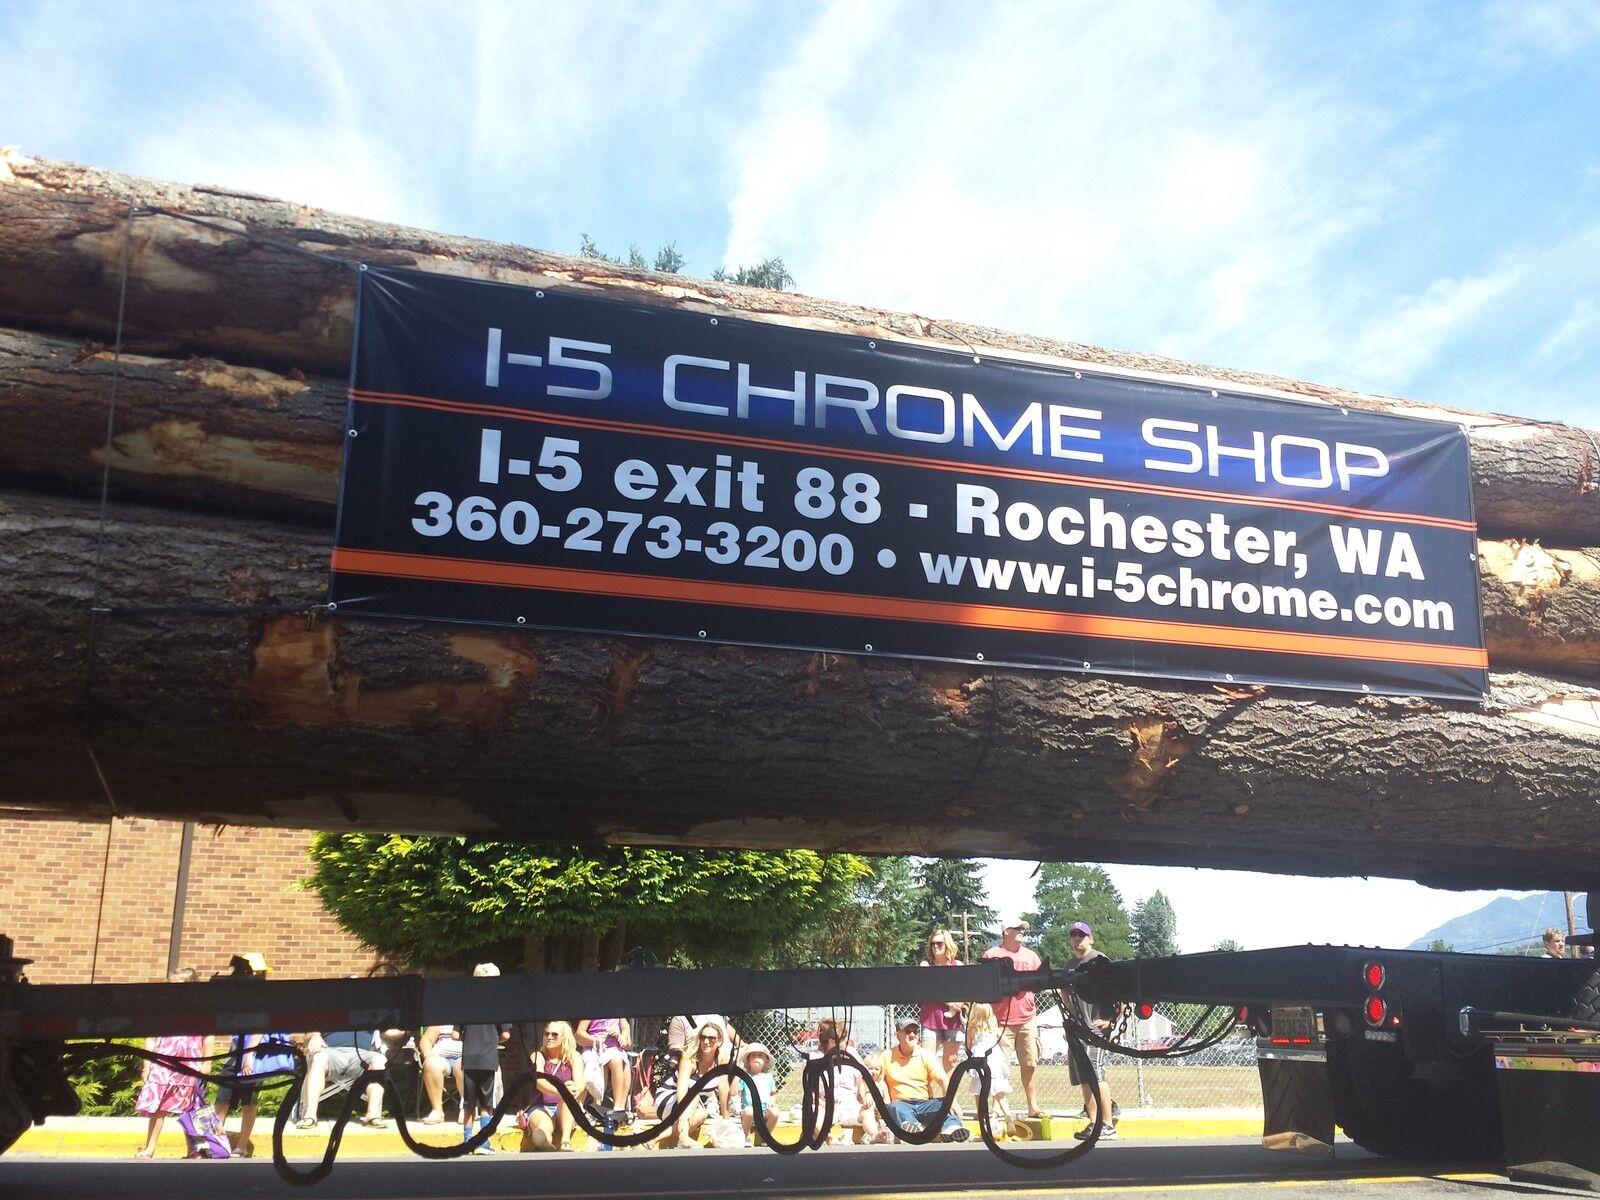 I-5 Chrome Shop